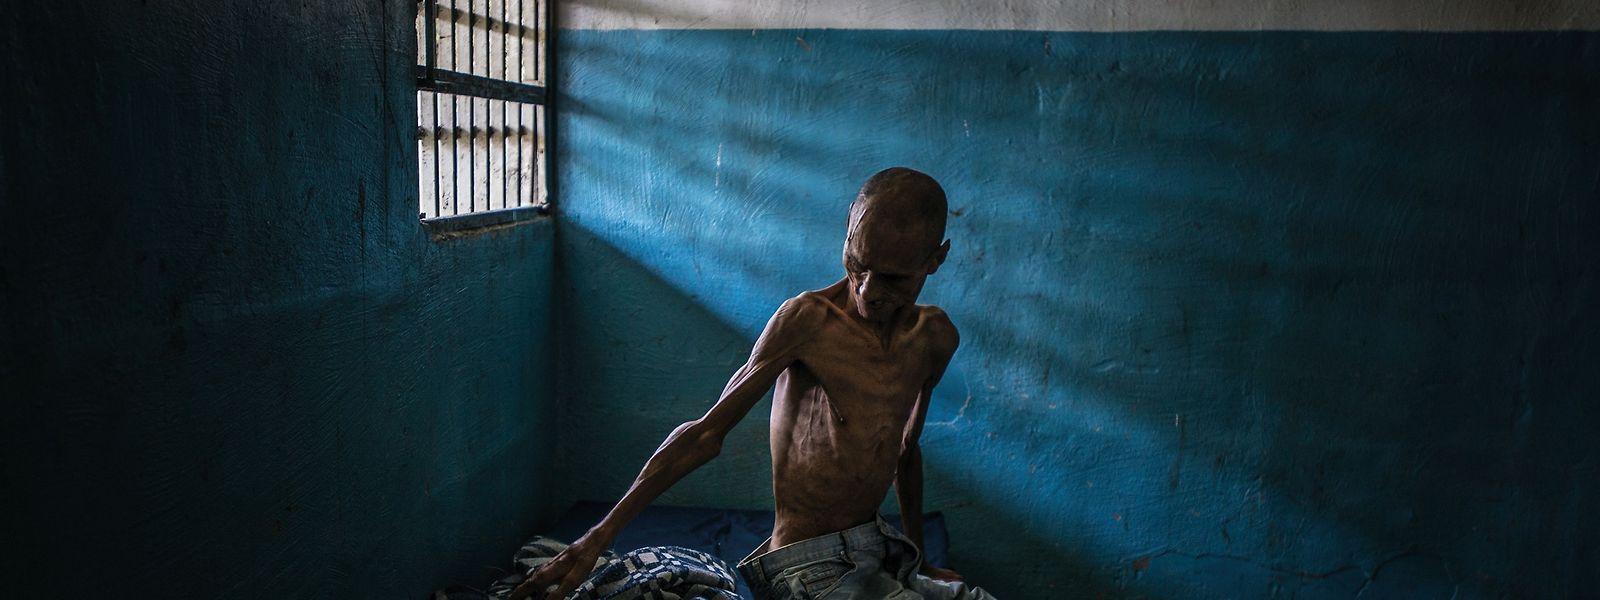 Mal traurige, mal grausame und dabei stets wahre Momentaufnahmen: Omar Mendoza, einer der Patienten einer psychiatrischen Klinik in Barquisimeto in Venezuela.